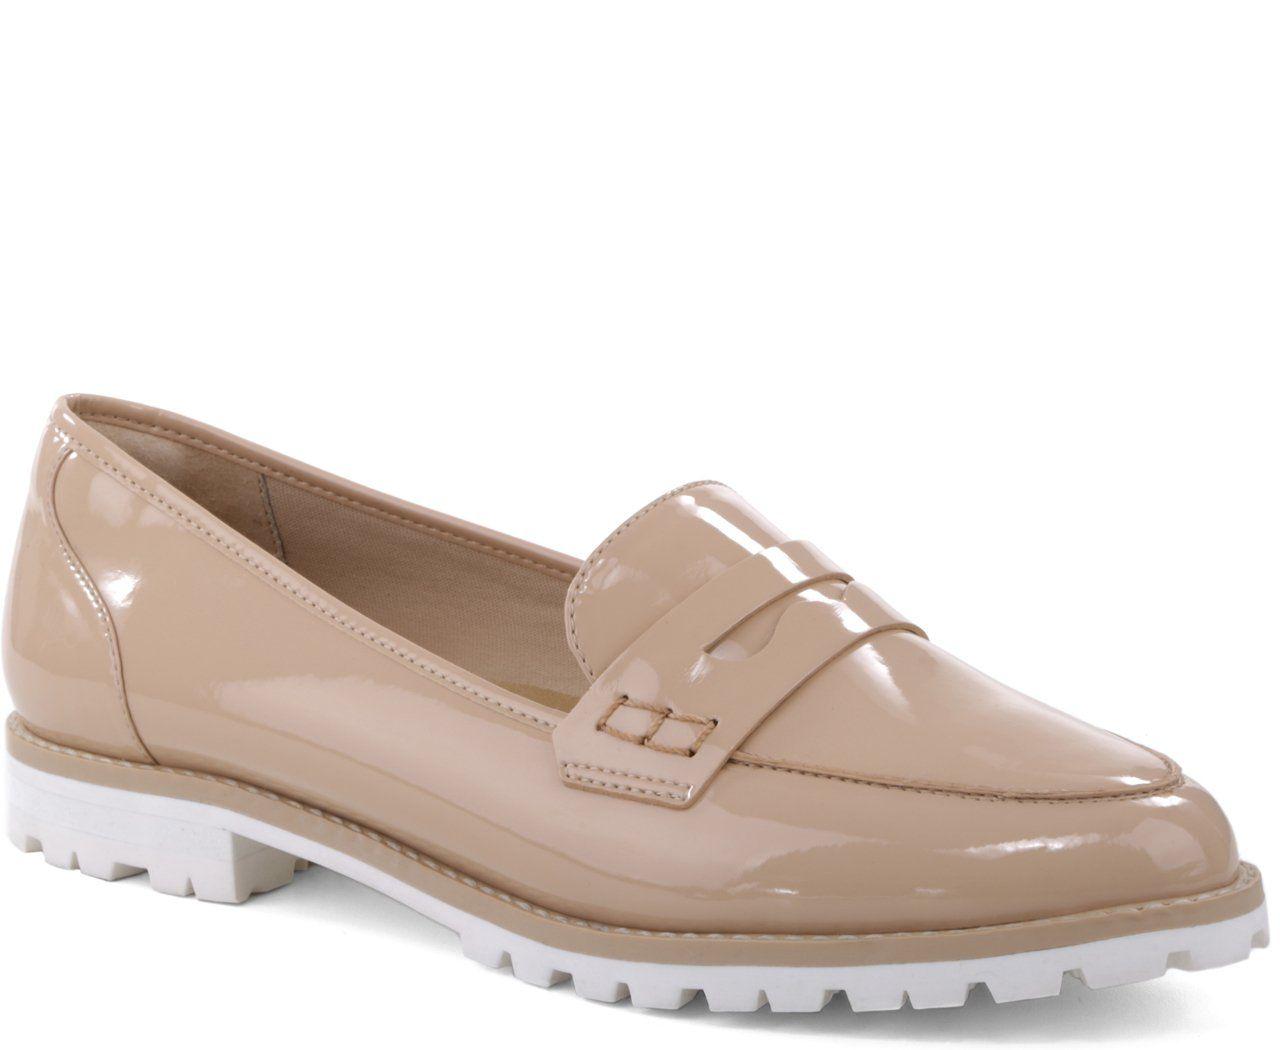 b262297ed Mocassim Sola Branca Nude | Eu quero! | Loafers men, Shoes e Dress Shoes